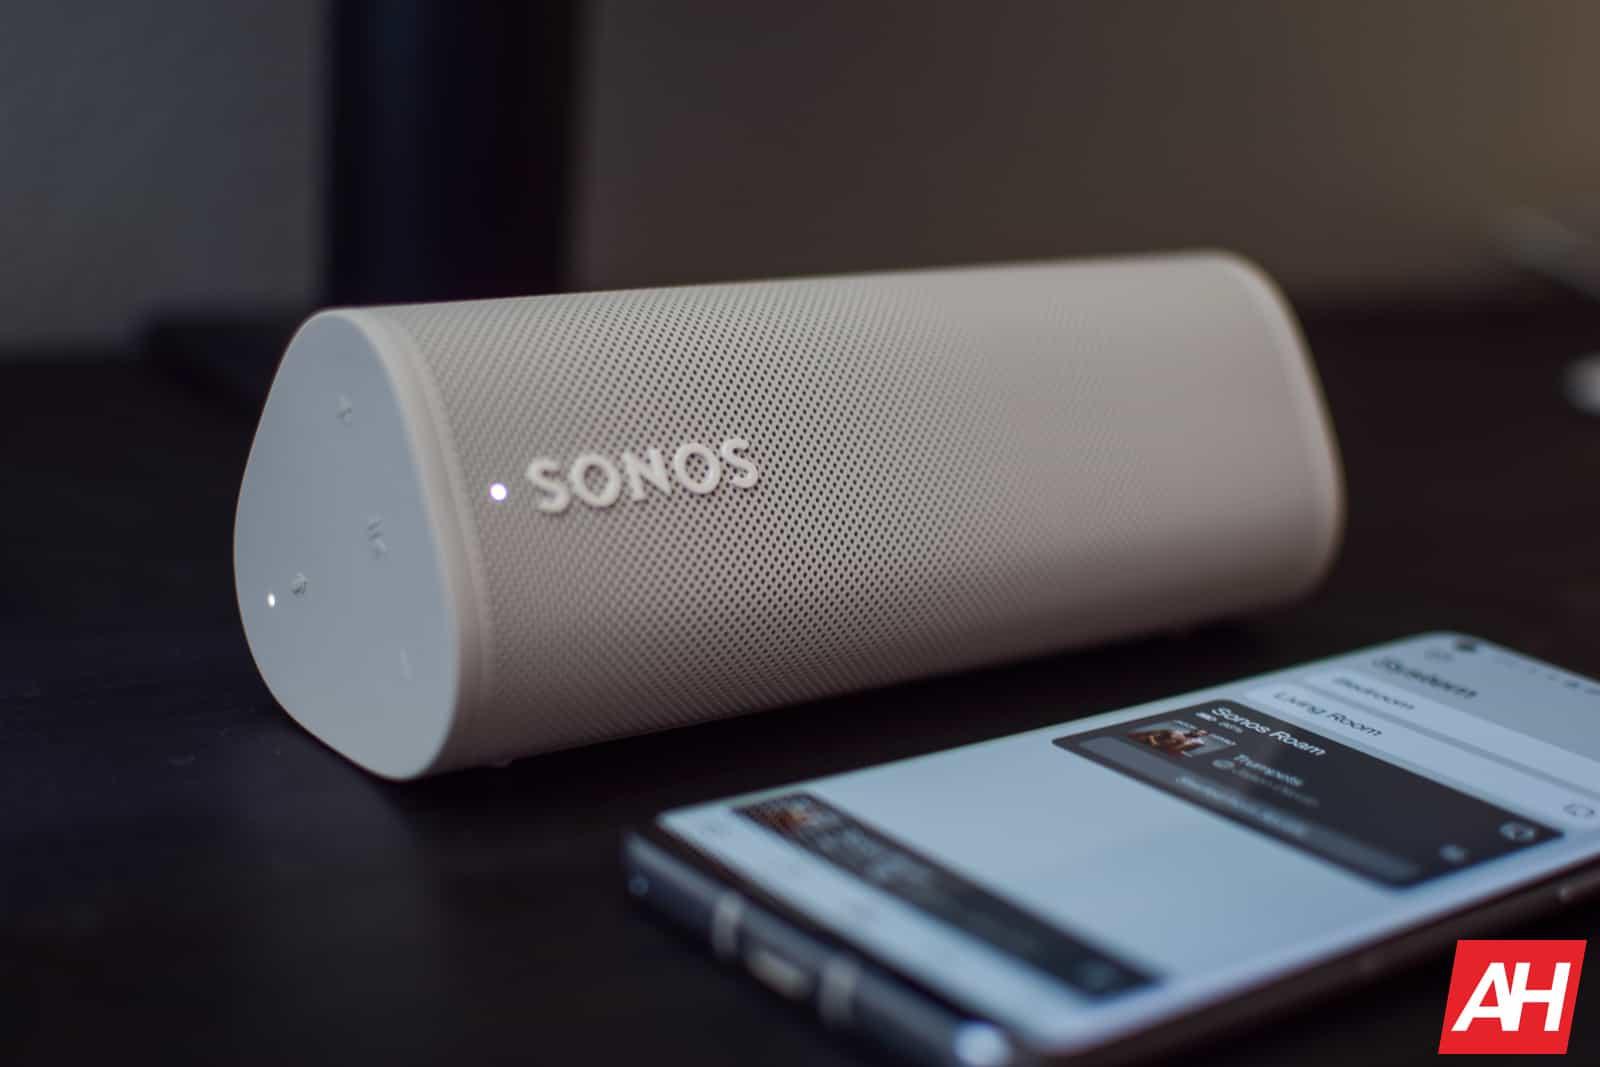 Sonos Roam Review AM Ah 13